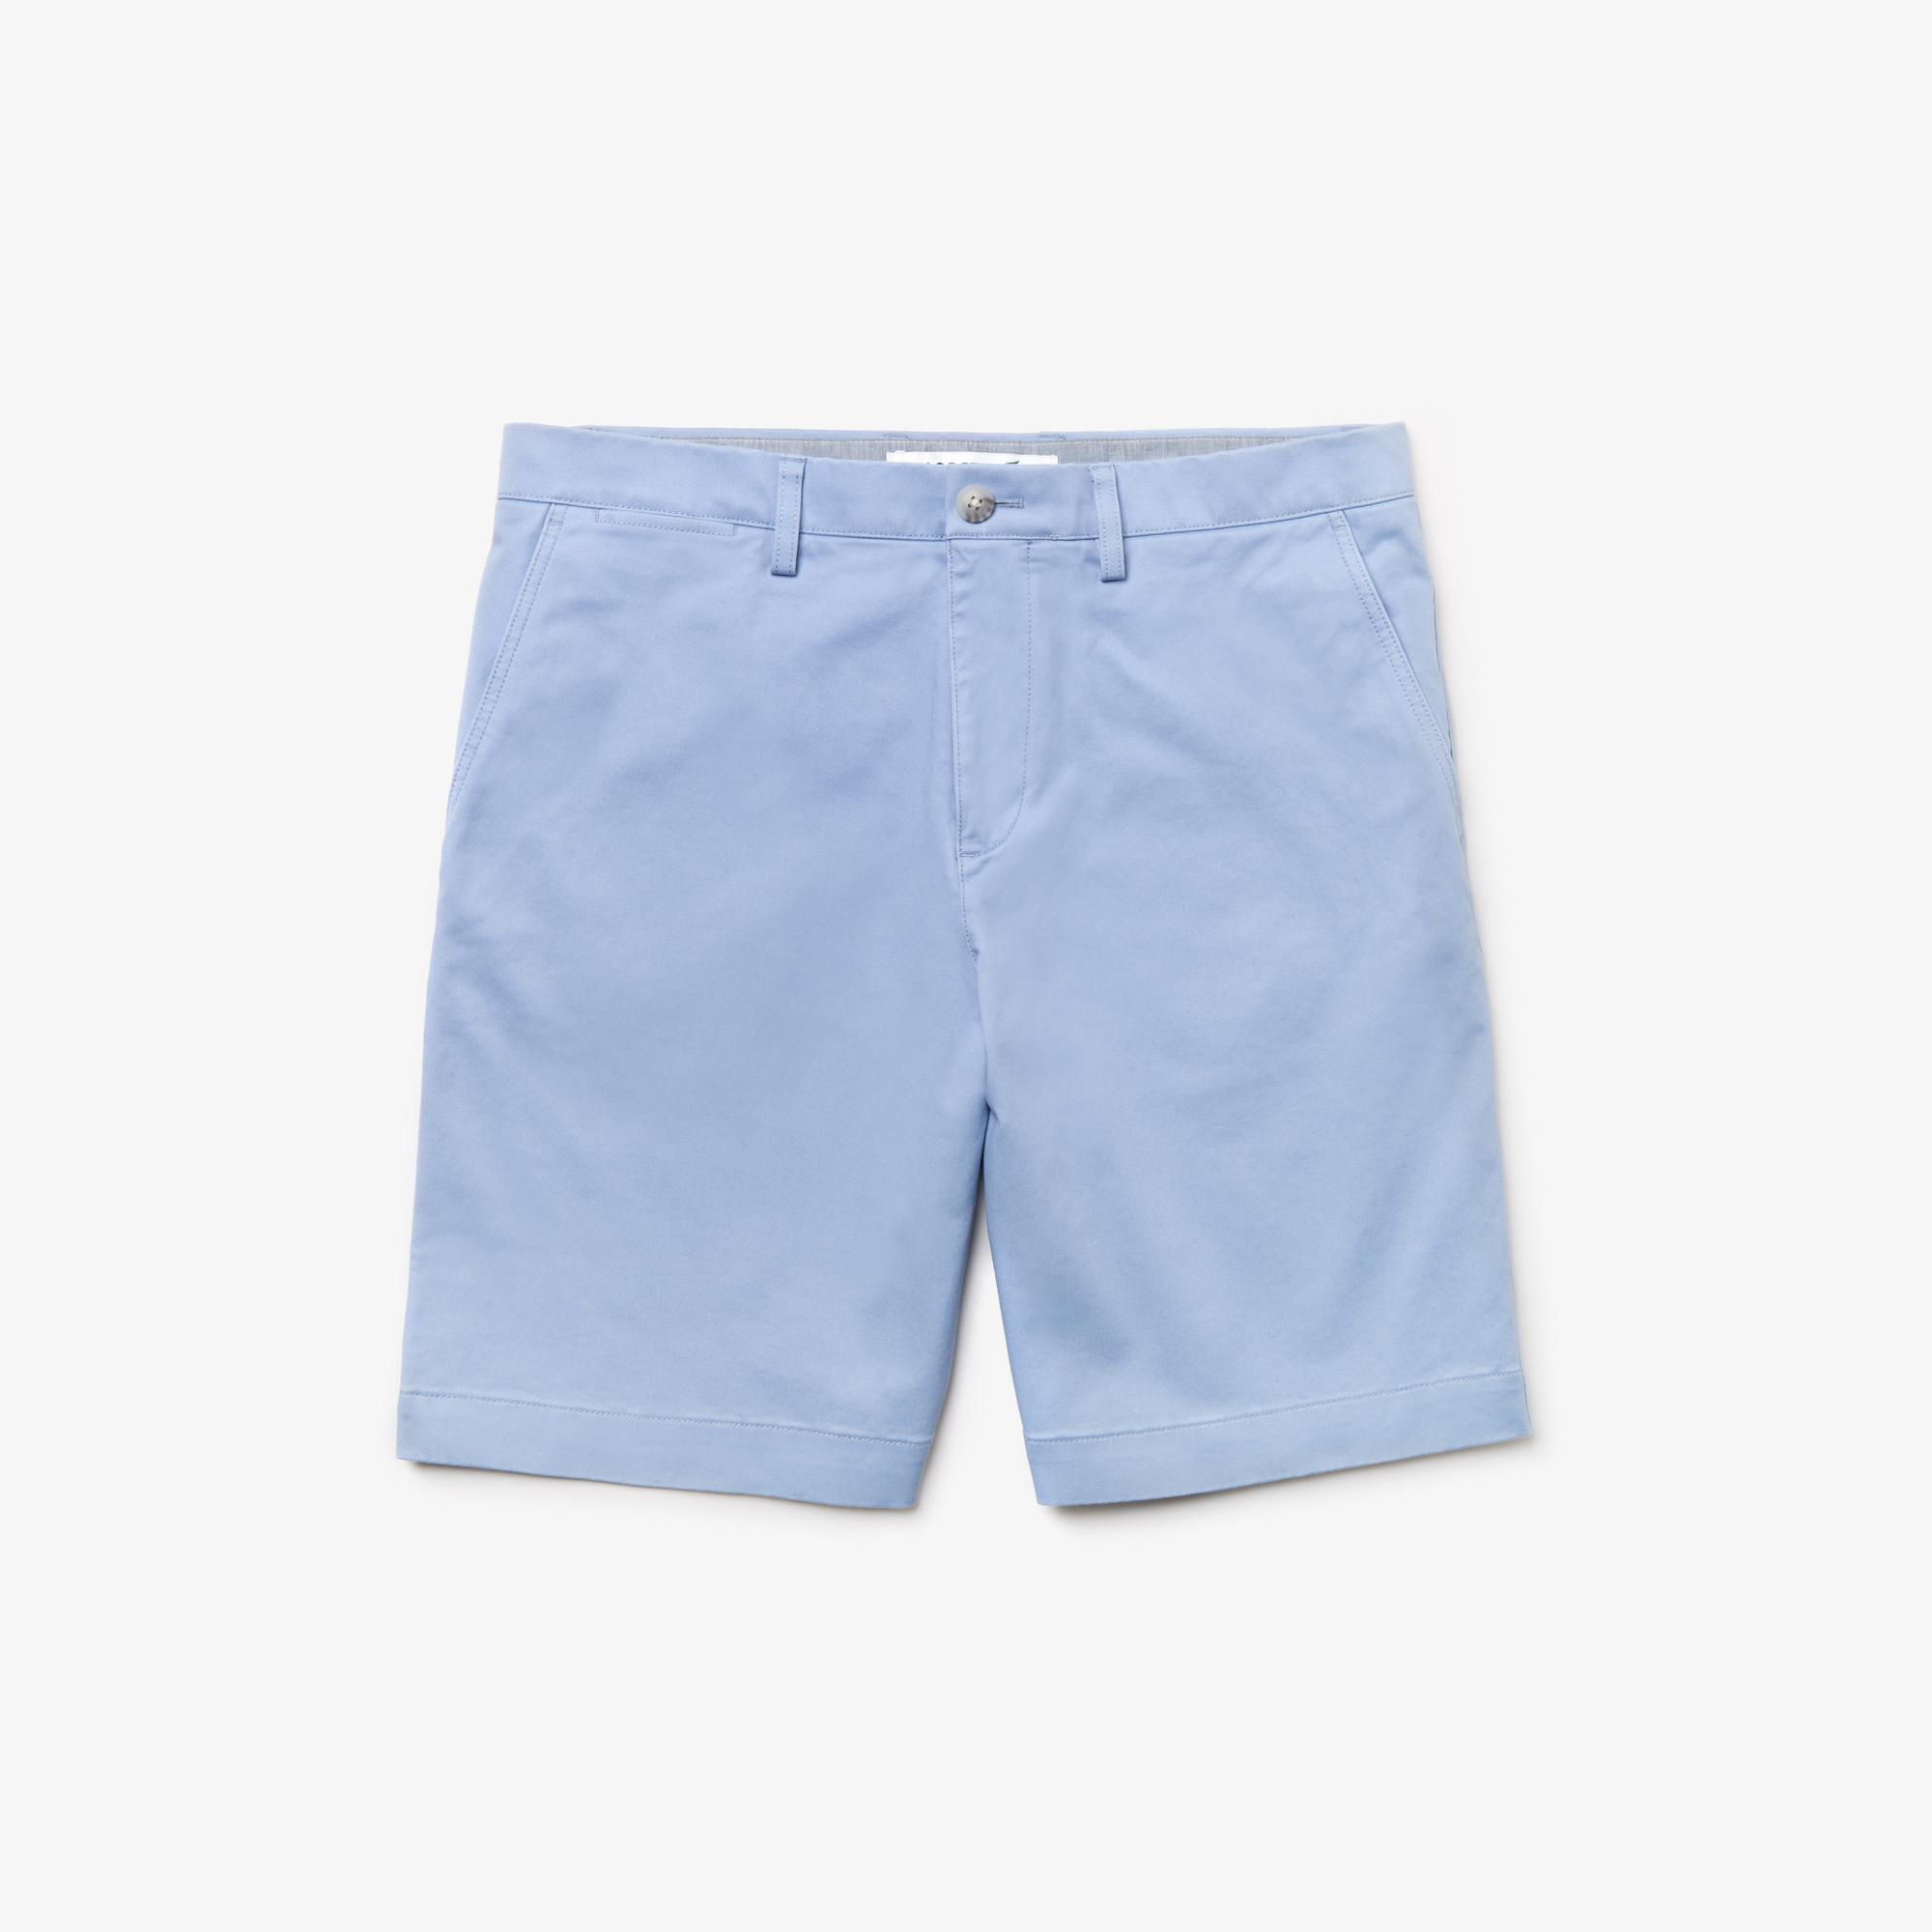 Lacoste Erkek Mavi Bermuda